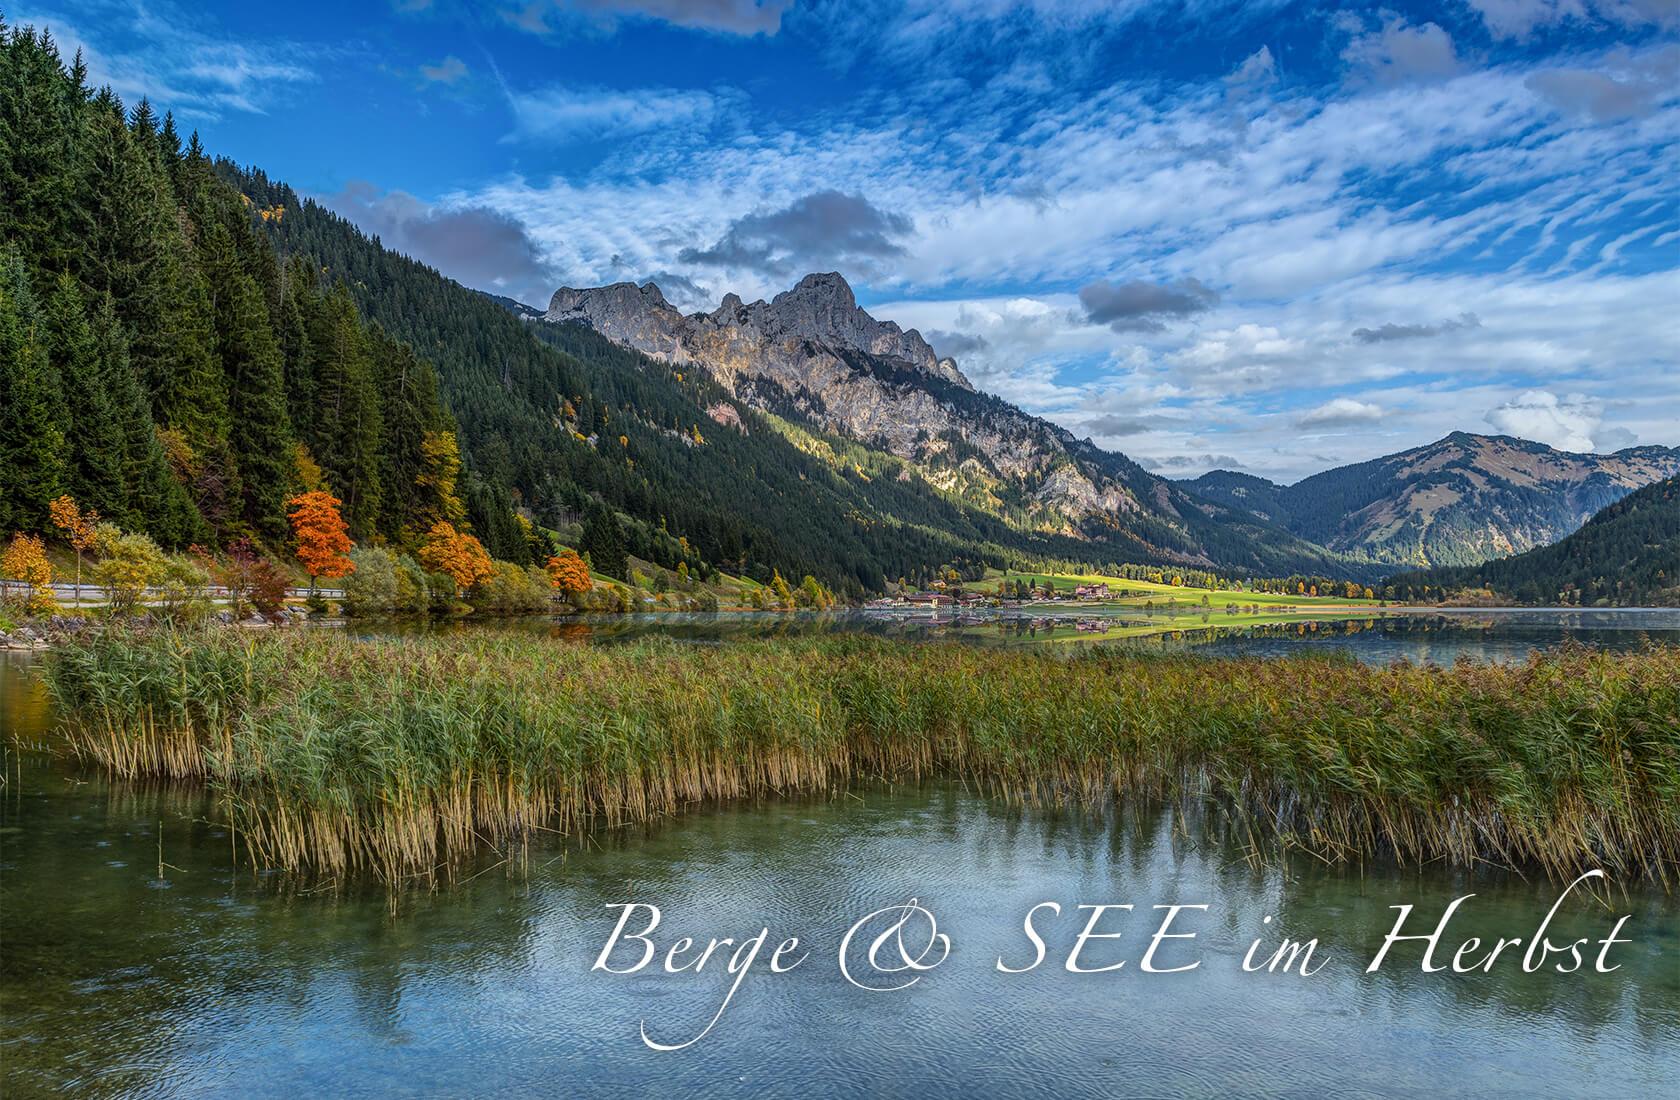 Berge und SEE im Herbst - Wanderzeit - Hotel Via Salina